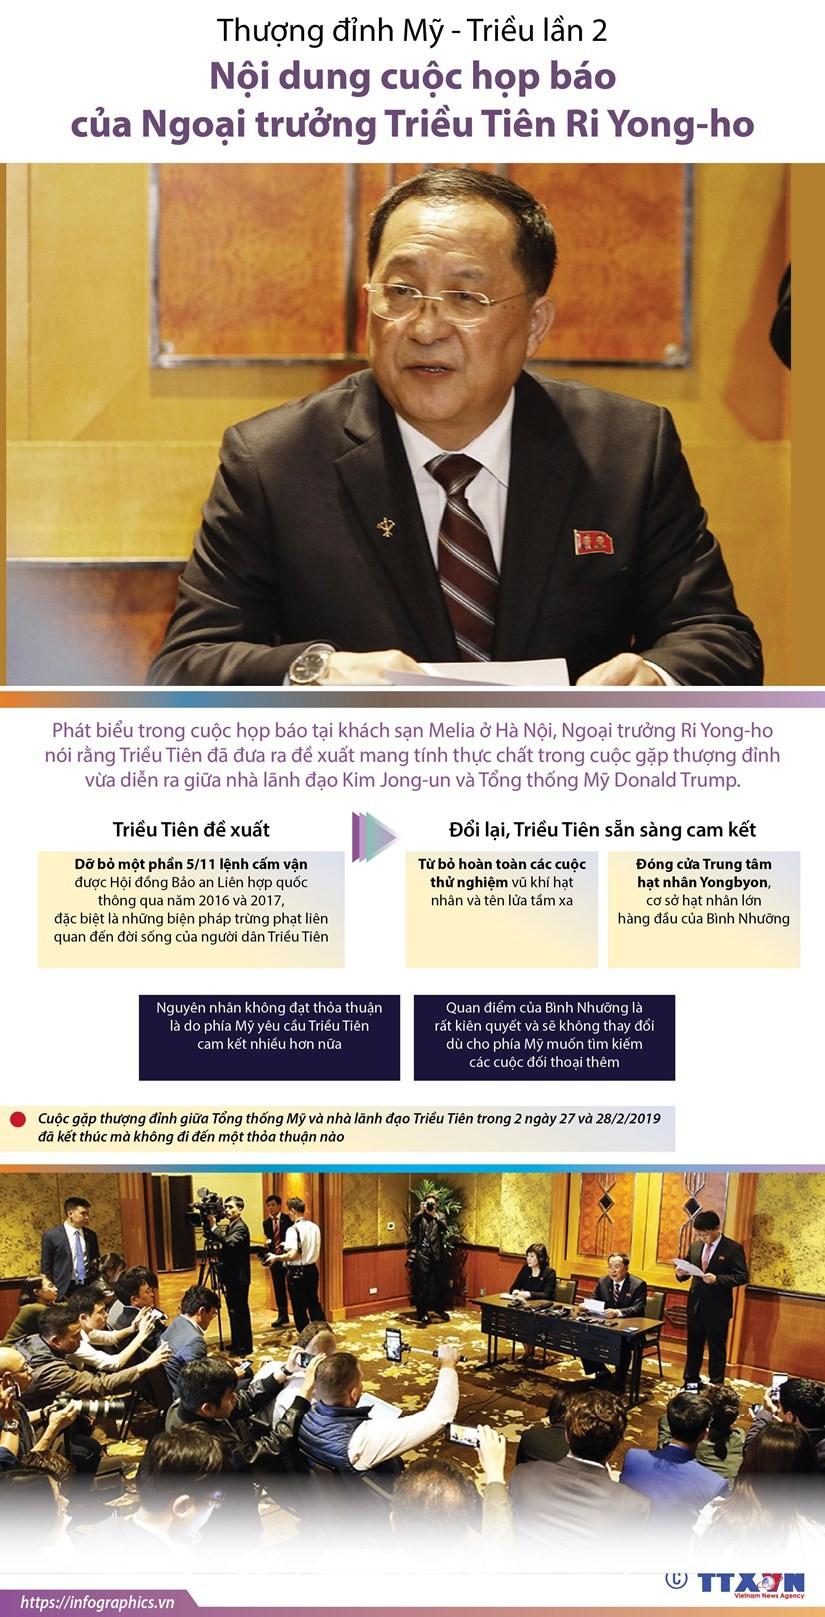 Nội dung họp báo của Ngoại trưởng Triều Tiên Ri Yong-ho - ảnh 1